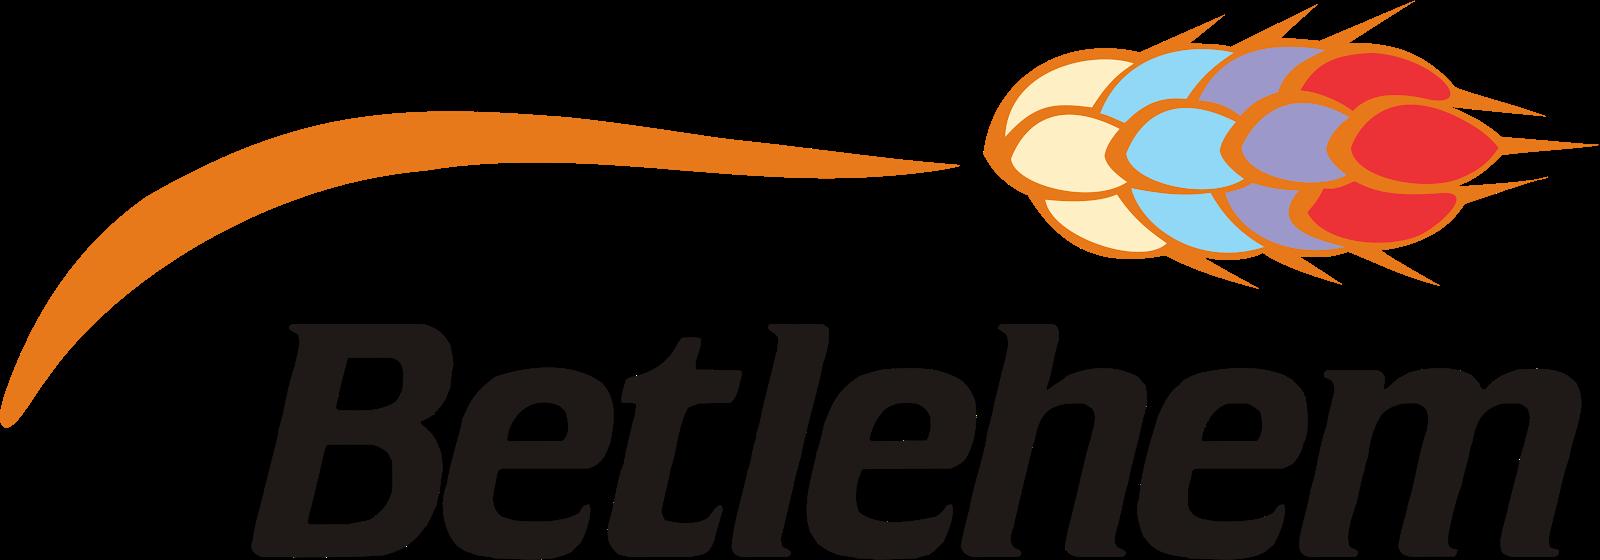 WEBSITE BETLEHEM